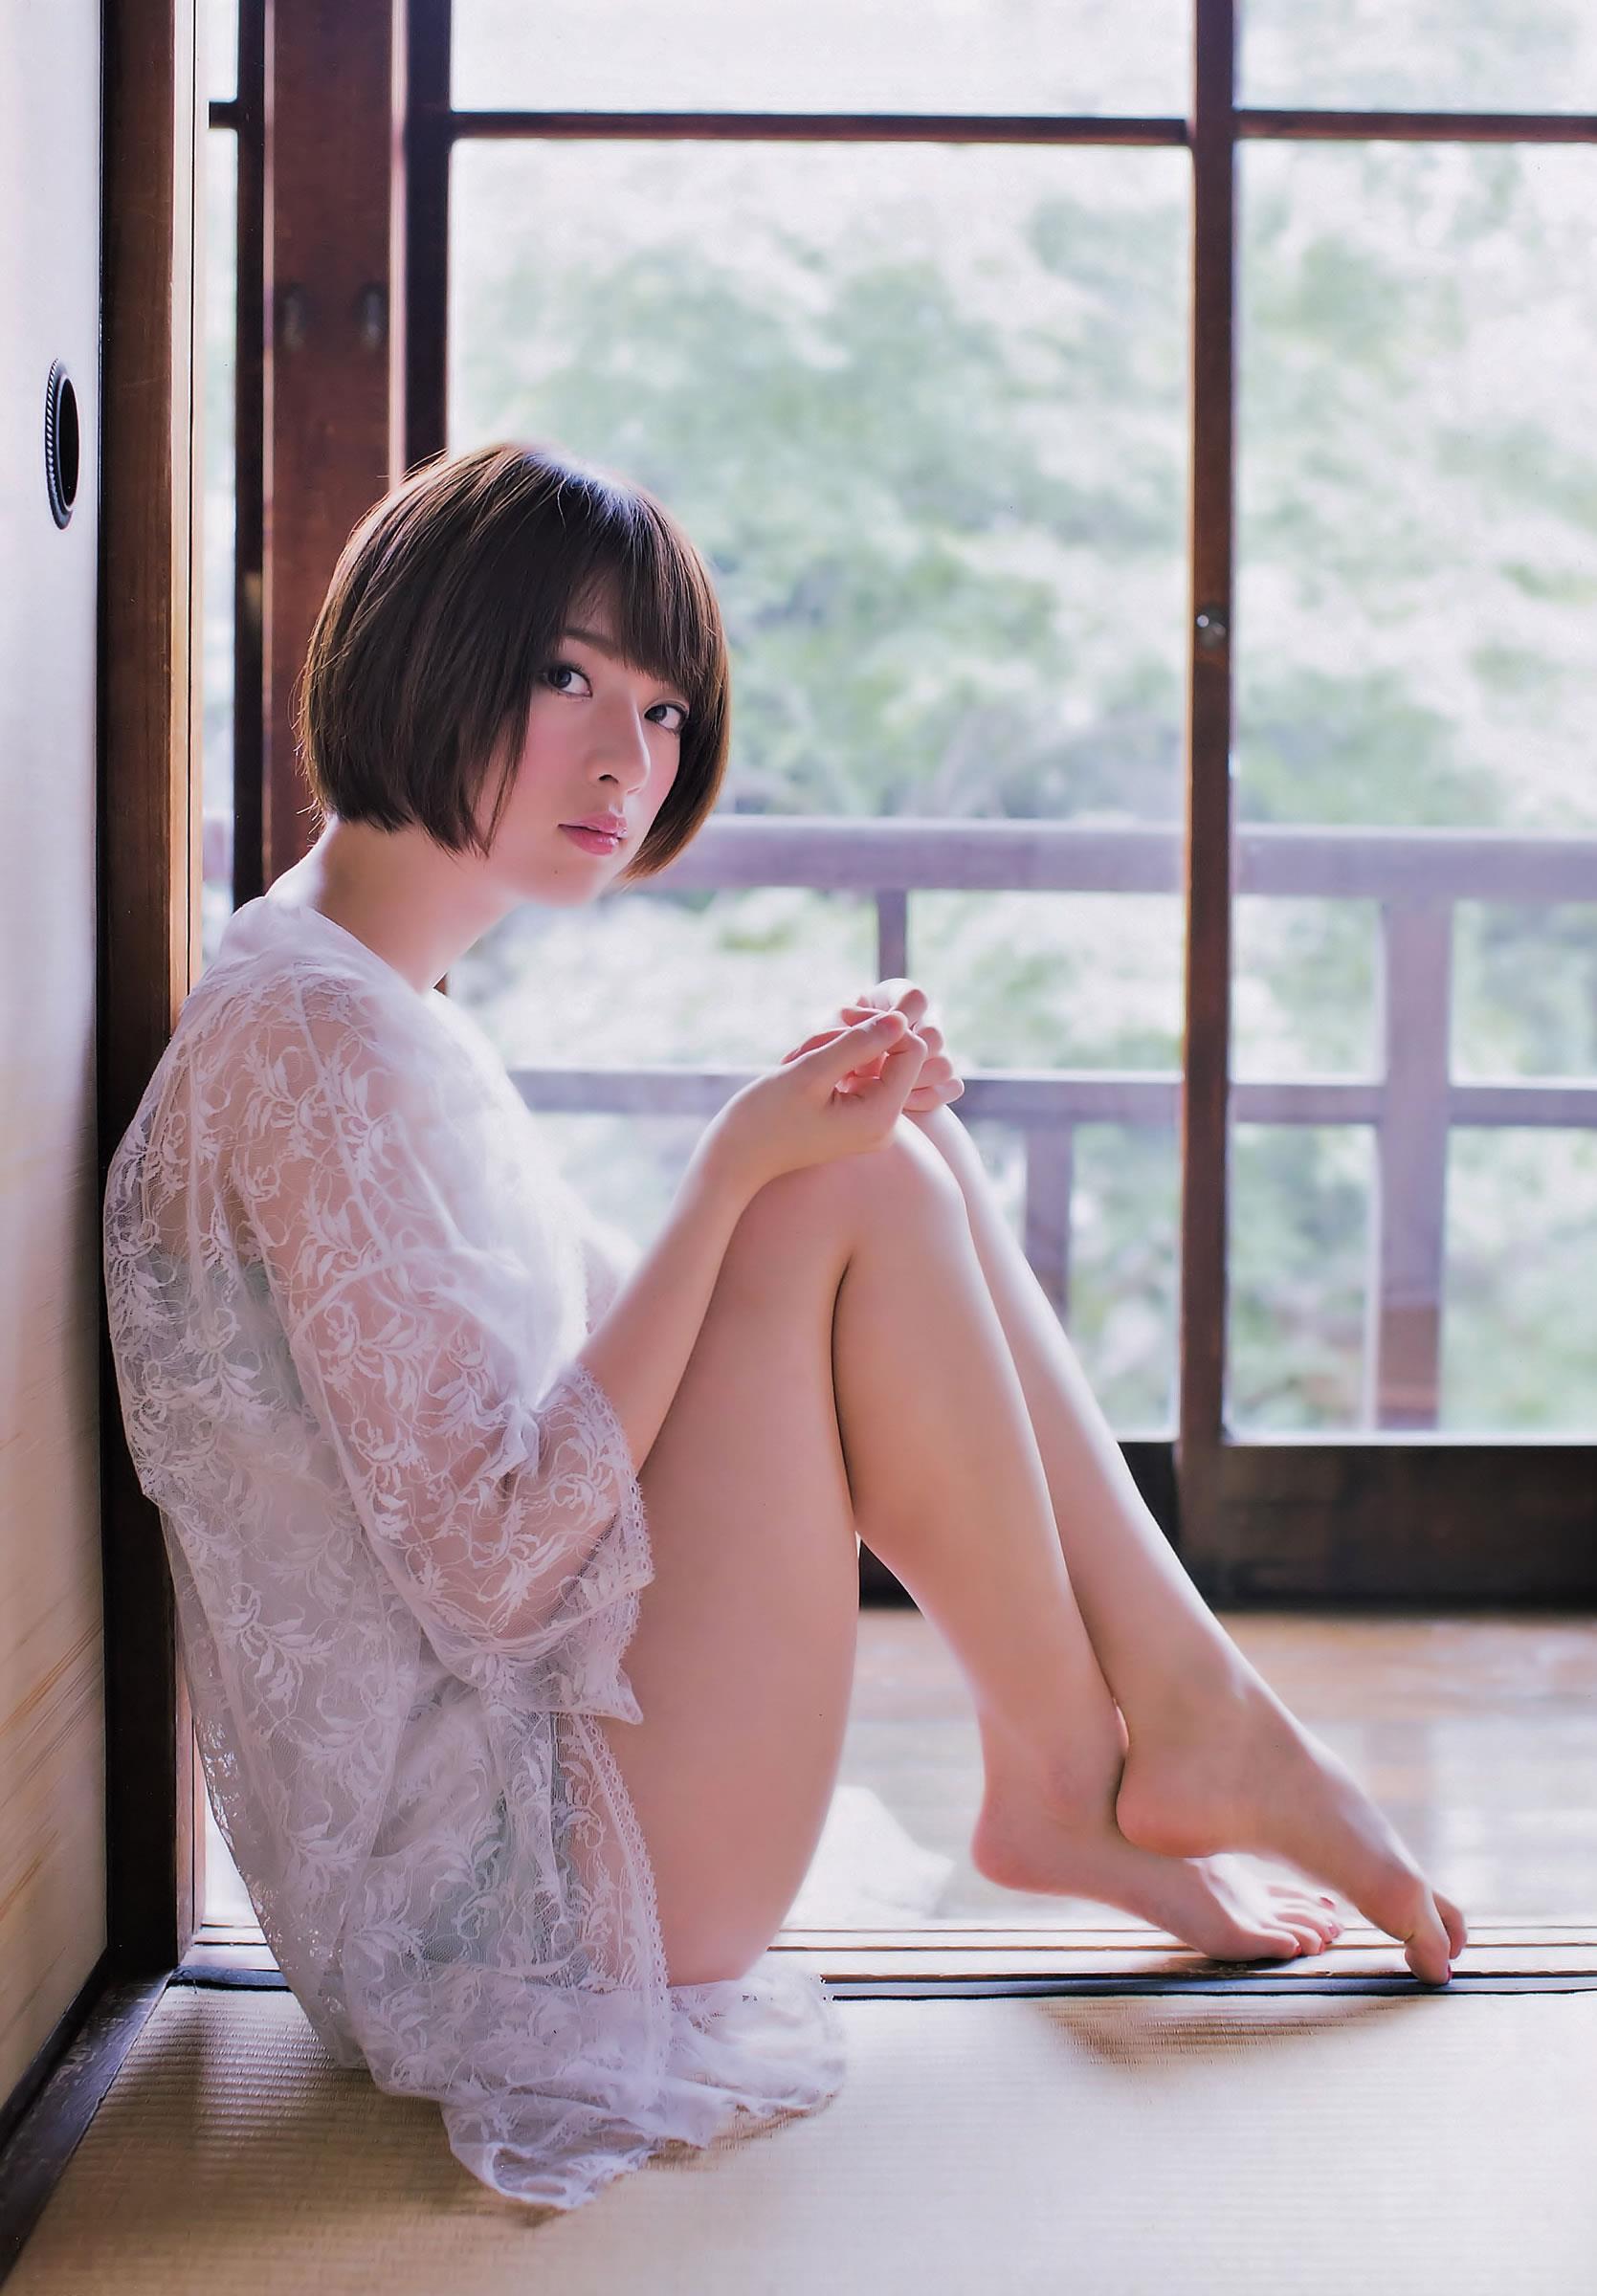 乃木坂46・橋本奈々未 画像 84